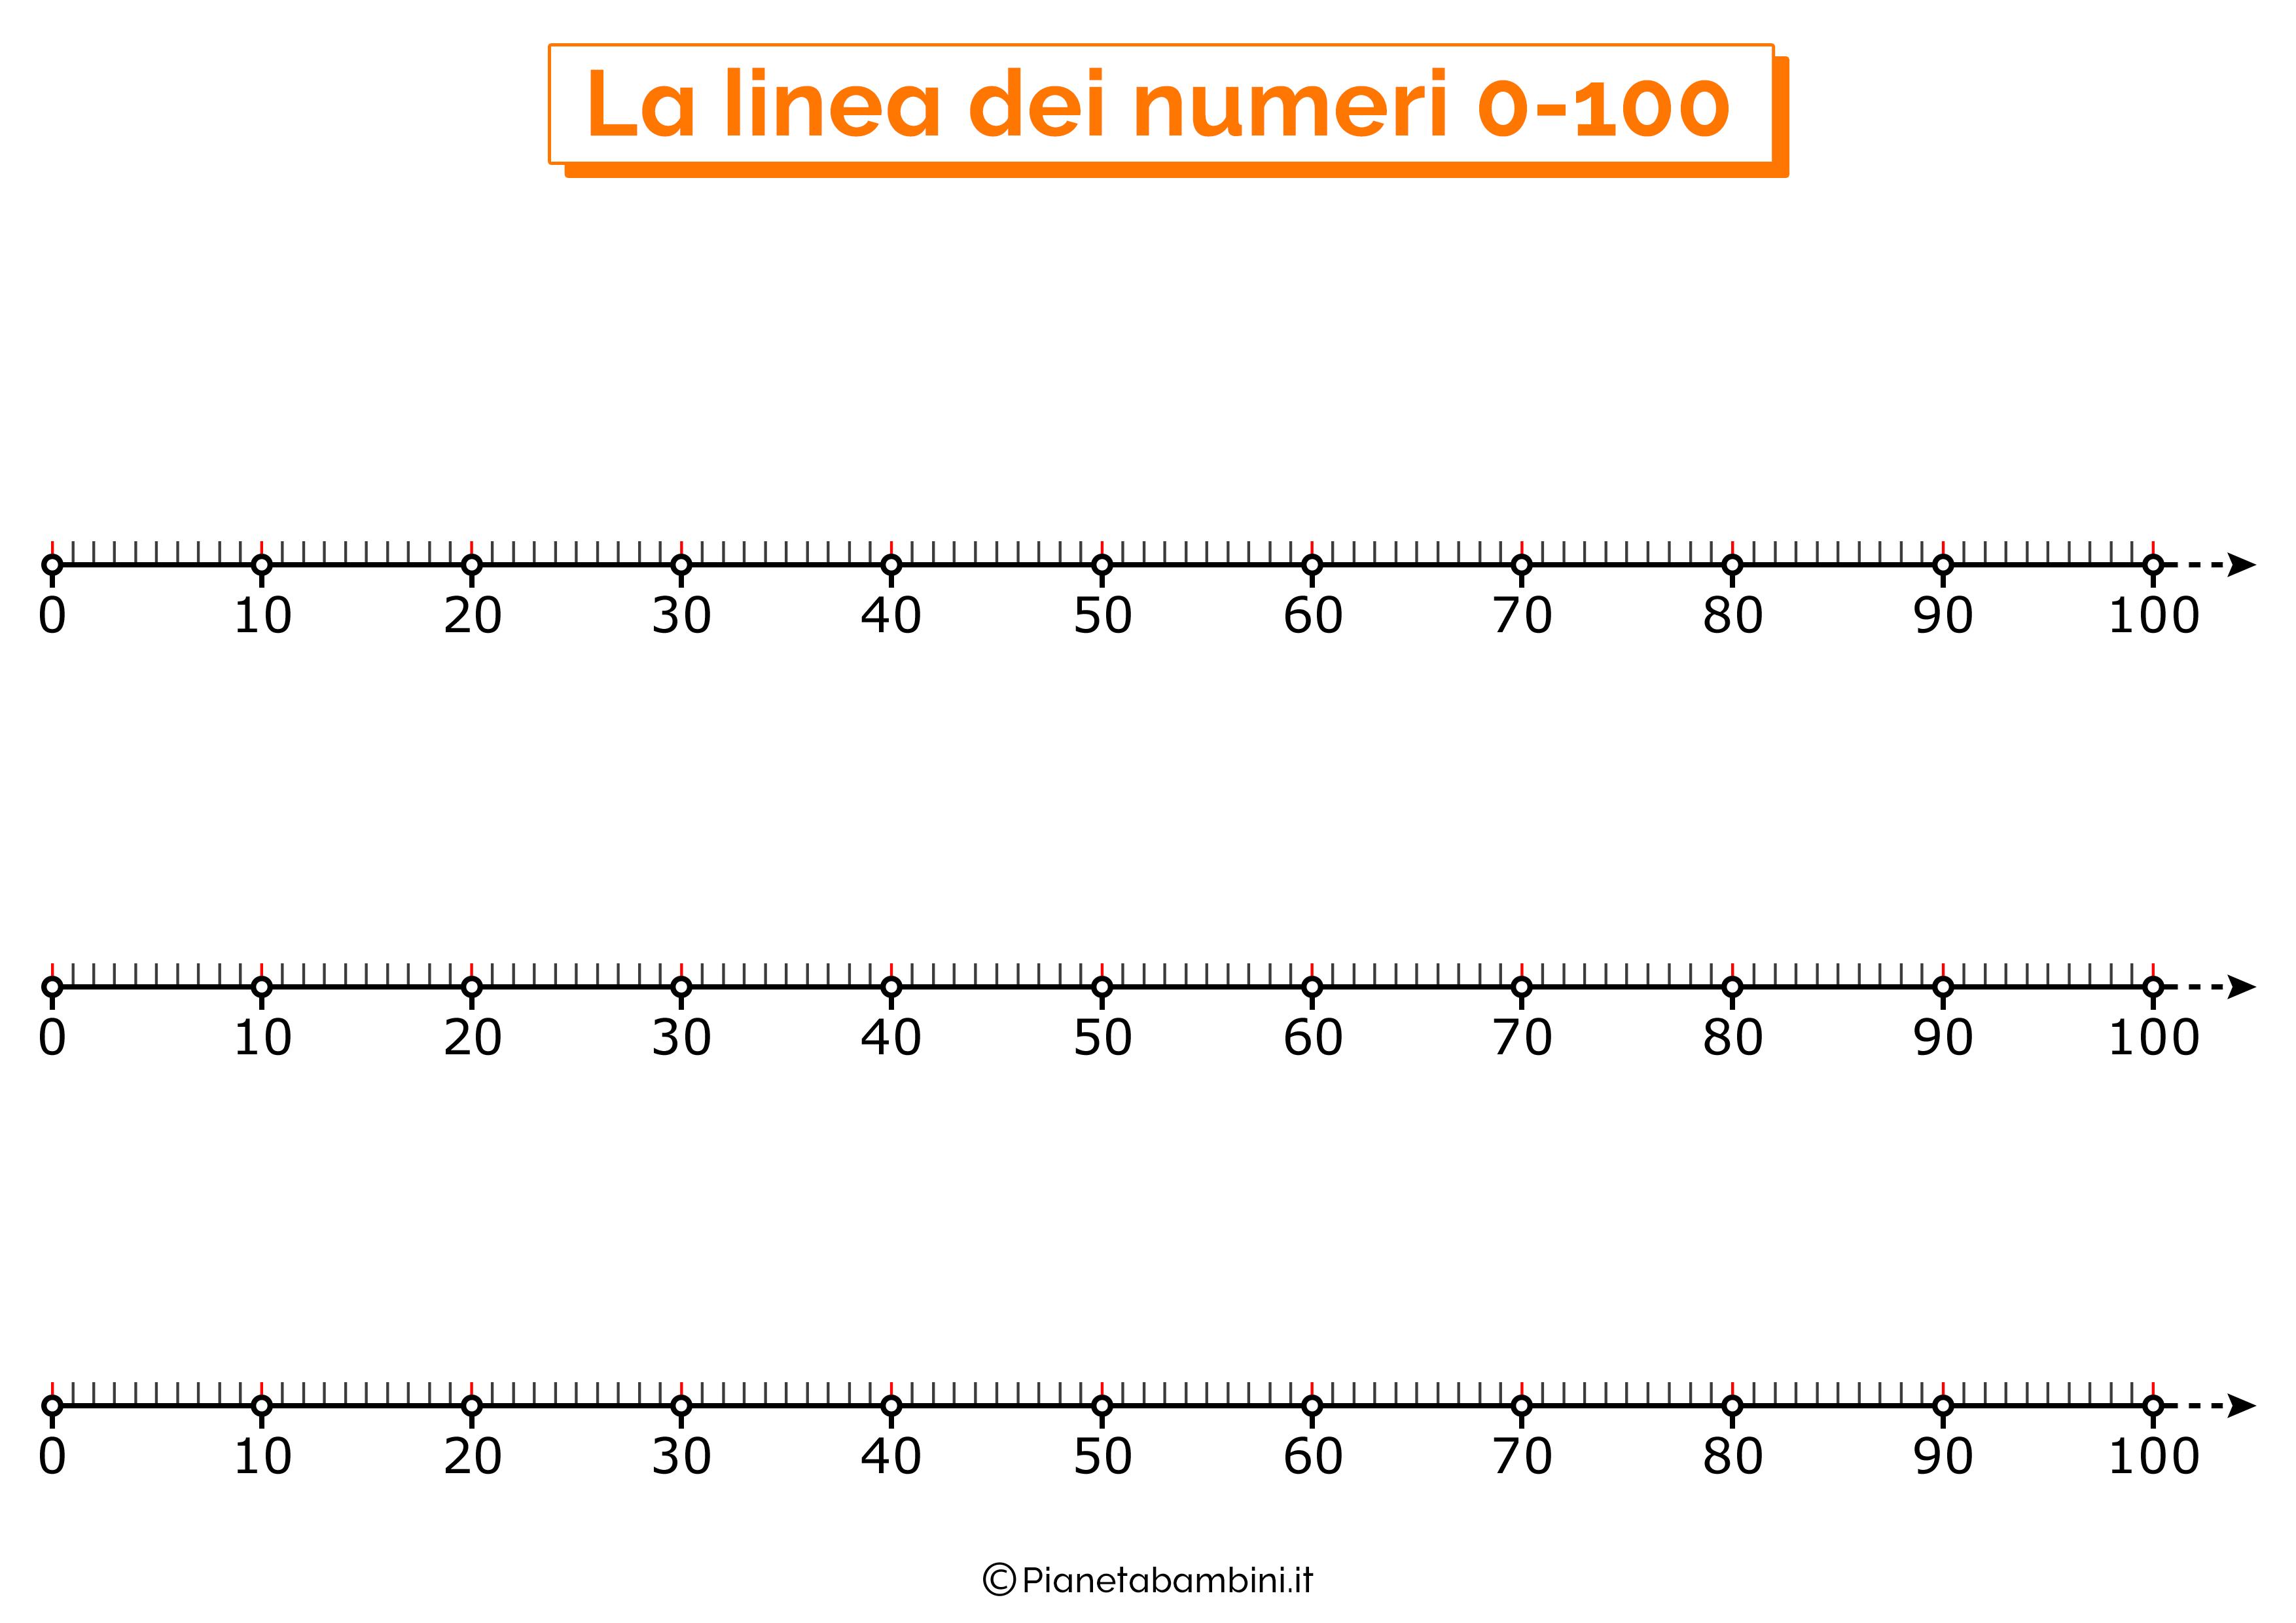 Linea dei numeri da 0 a 100 orizzontale